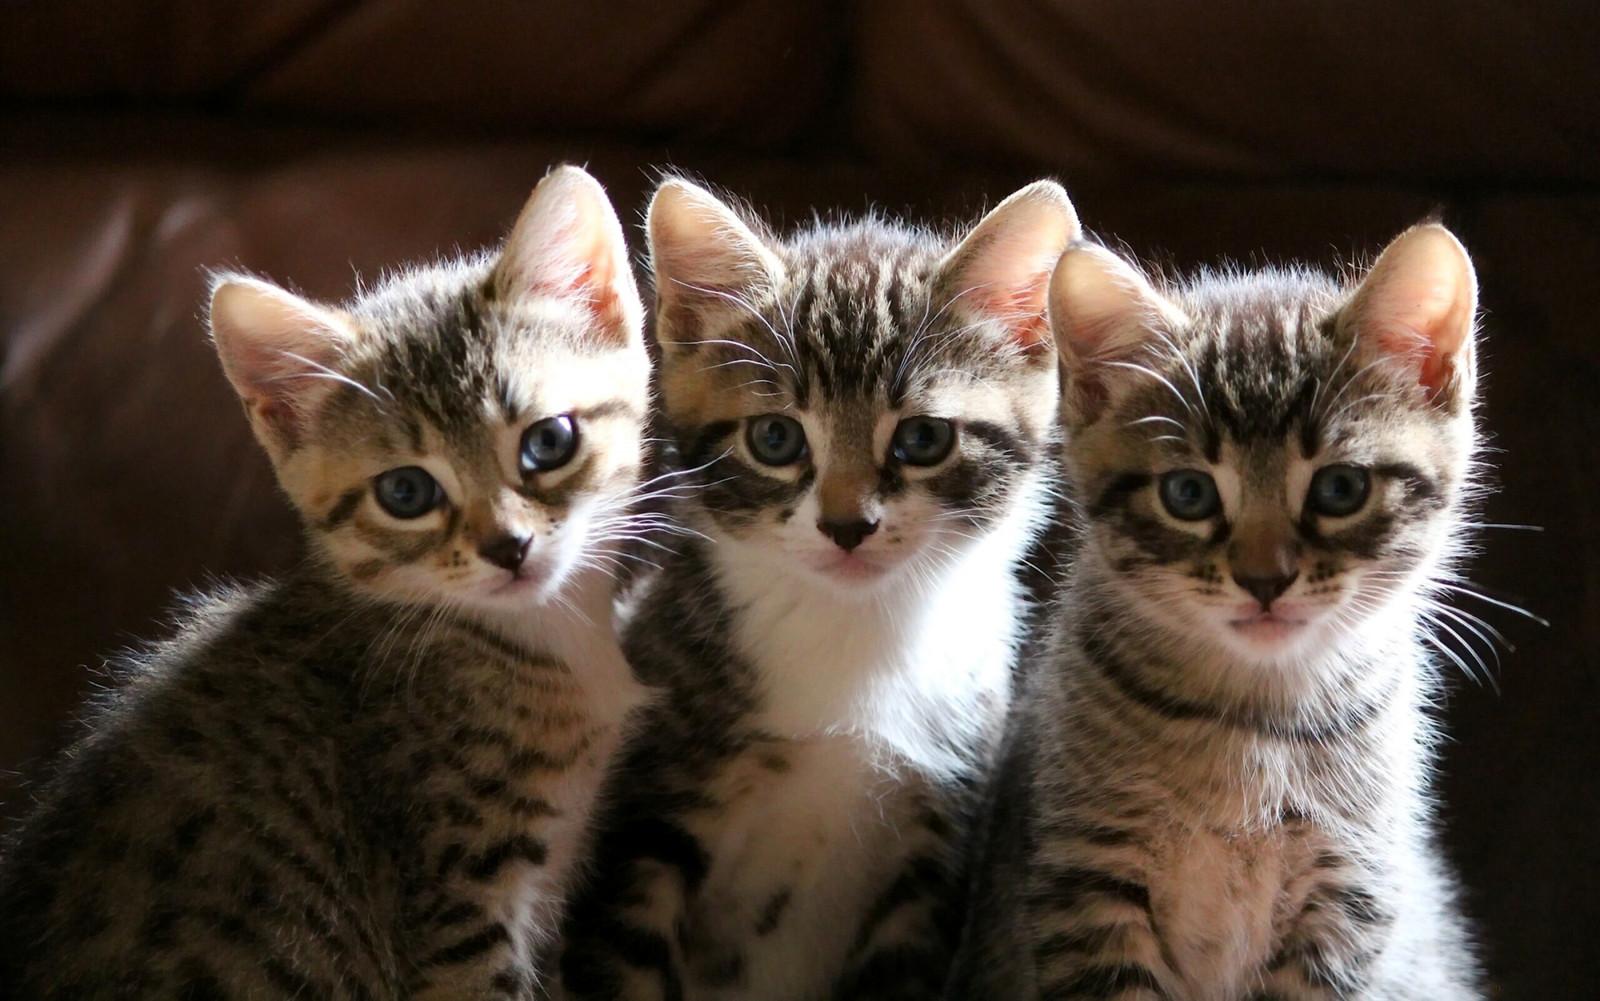 デスクトップ壁紙 ネコ 子猫 ストライプ ウィスカー サバンナ